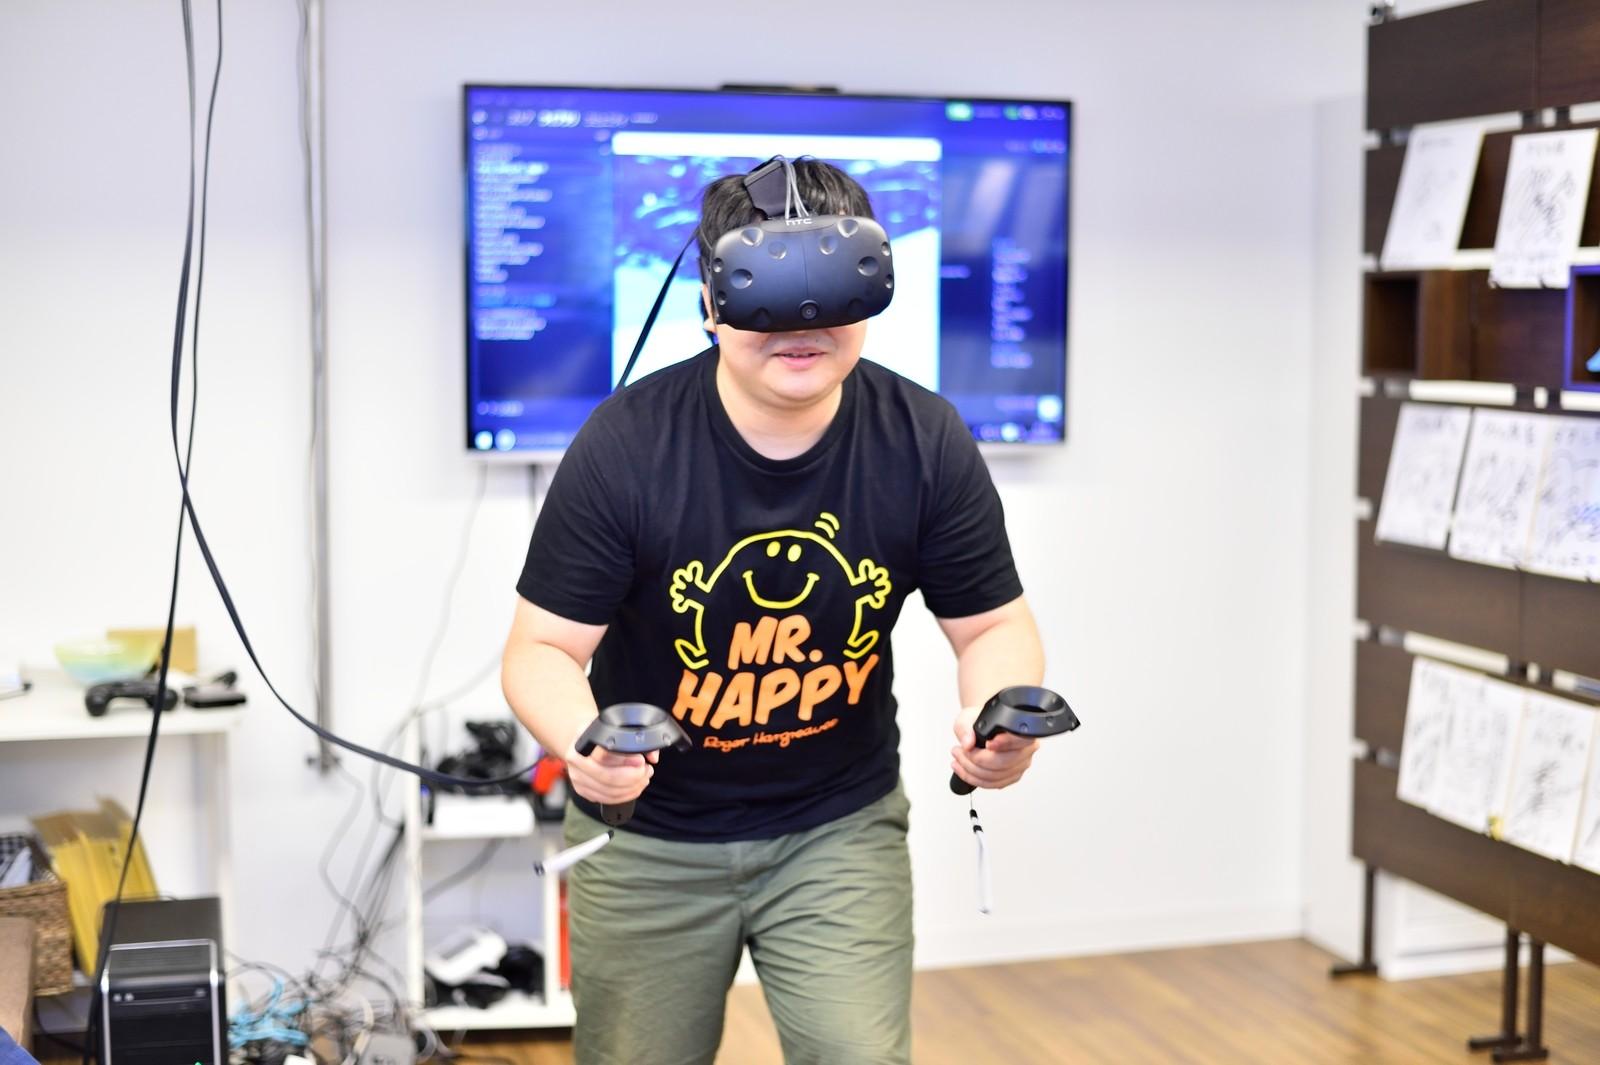 日本発・VR特化のデータ解析ツール「AccessiVR」を開発するScalaエンジニア募集!